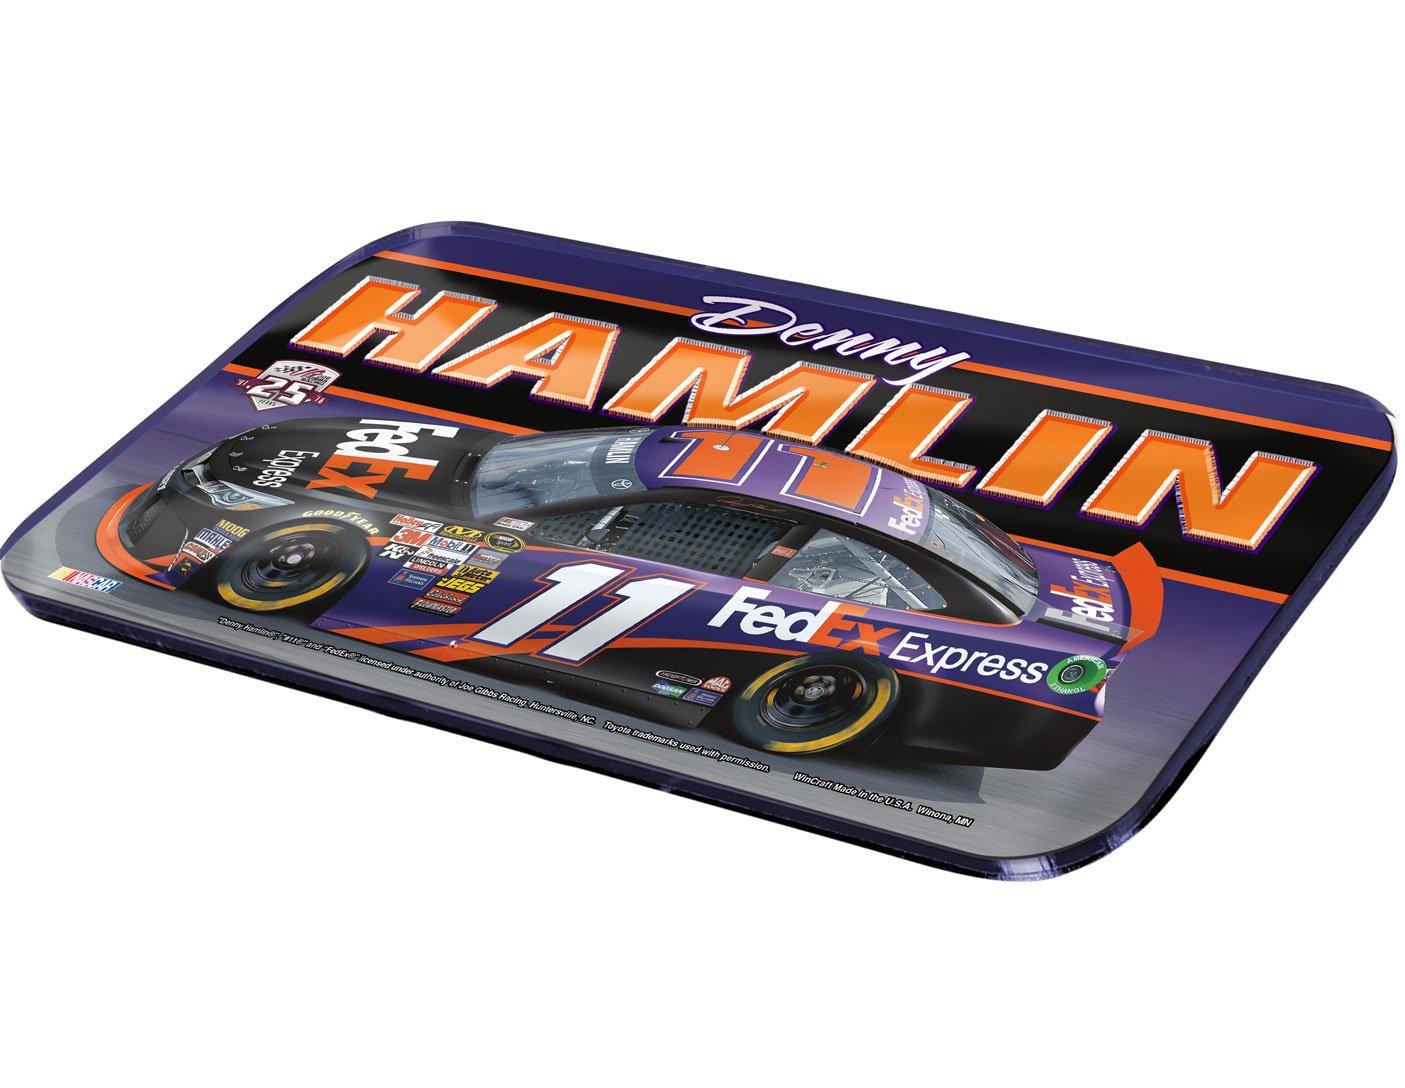 【人気沸騰】 NASCAR NASCAR Denny Hamlin Federal Express車クリスタルミラーライセンスプレート、6 Federal x 12-inch 12-inch B01BDIP1P6, 内原町:27de0927 --- arianechie.dominiotemporario.com